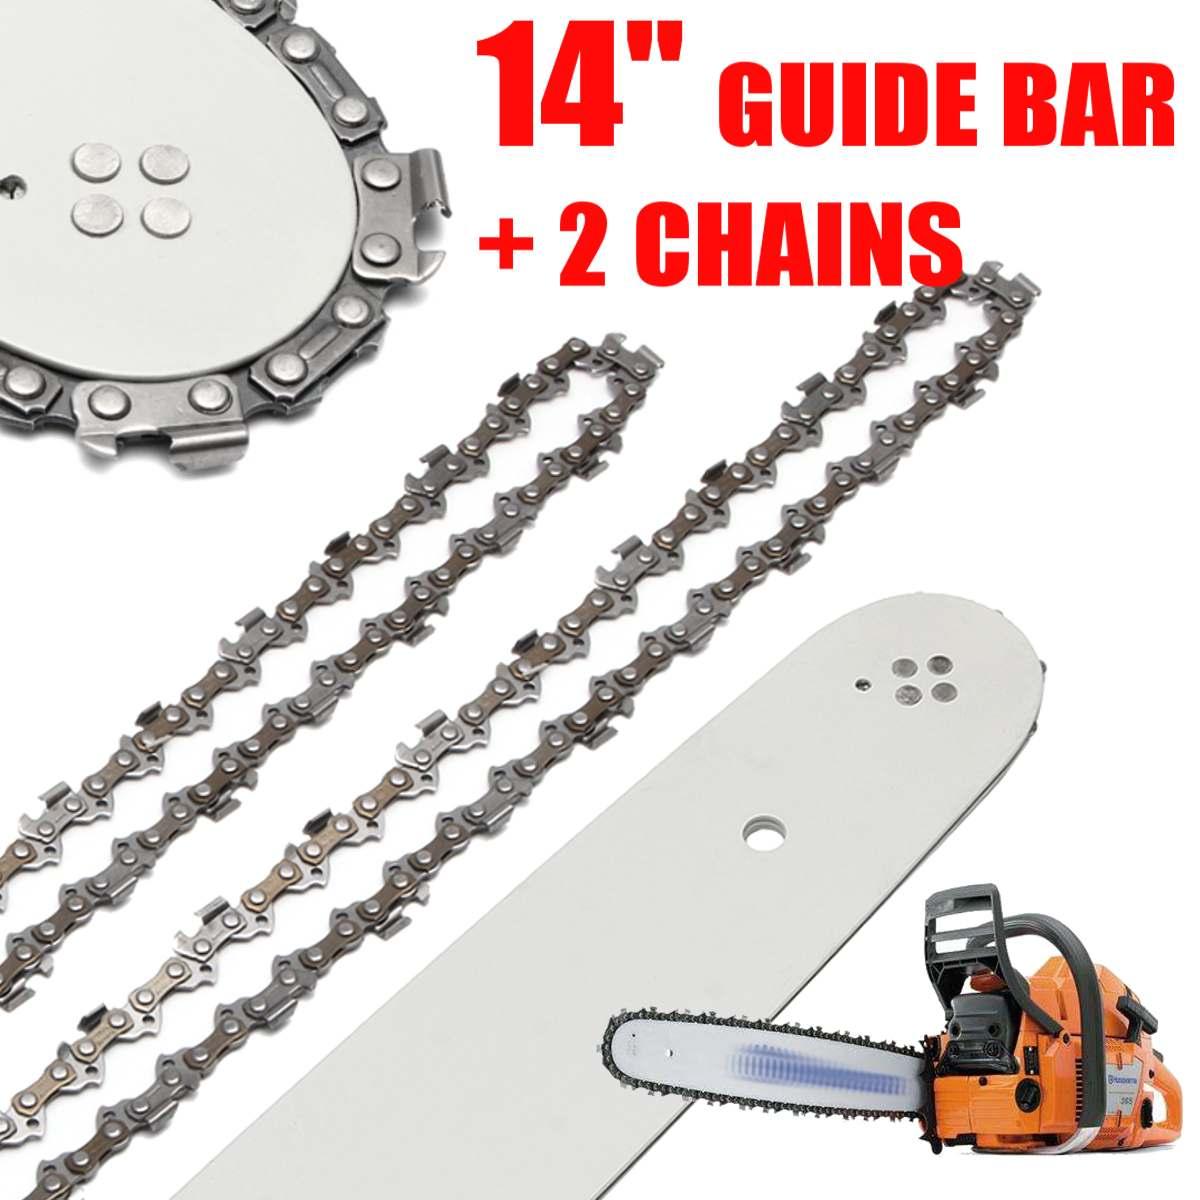 Barra de guía de sierra de cadena de 14 pulgadas con 2 cadenas de PC para STIHL 017 MS170 MS171 MS170/MS180/MS230/MS250, todo tipo de acero